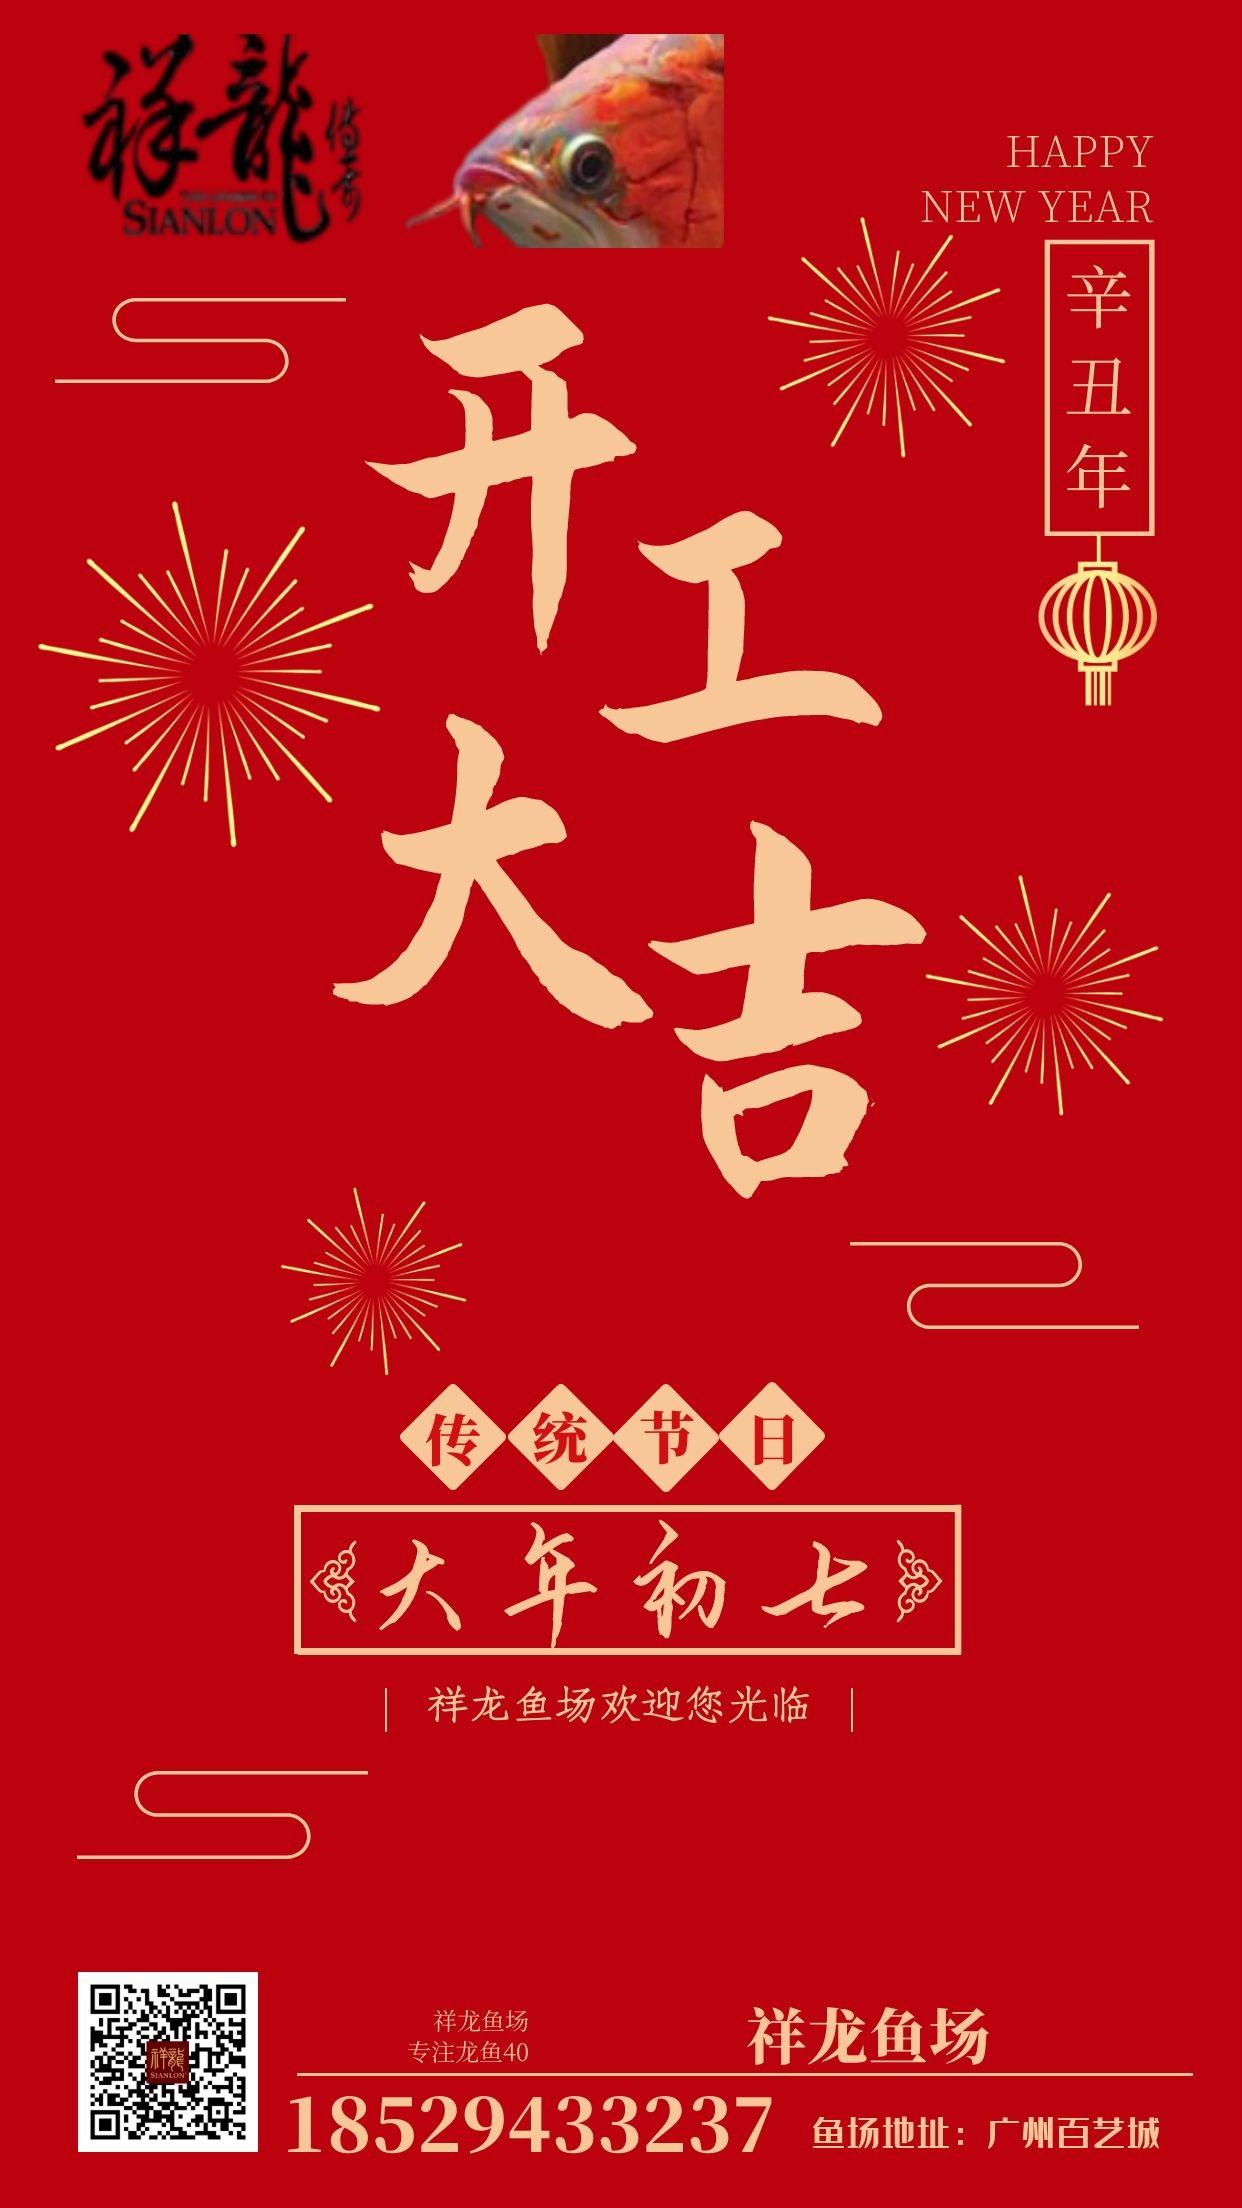 北京祥龙水族馆恭贺本市鱼友新春快乐祝福2021 北京水族馆信息 北京龙鱼第10张